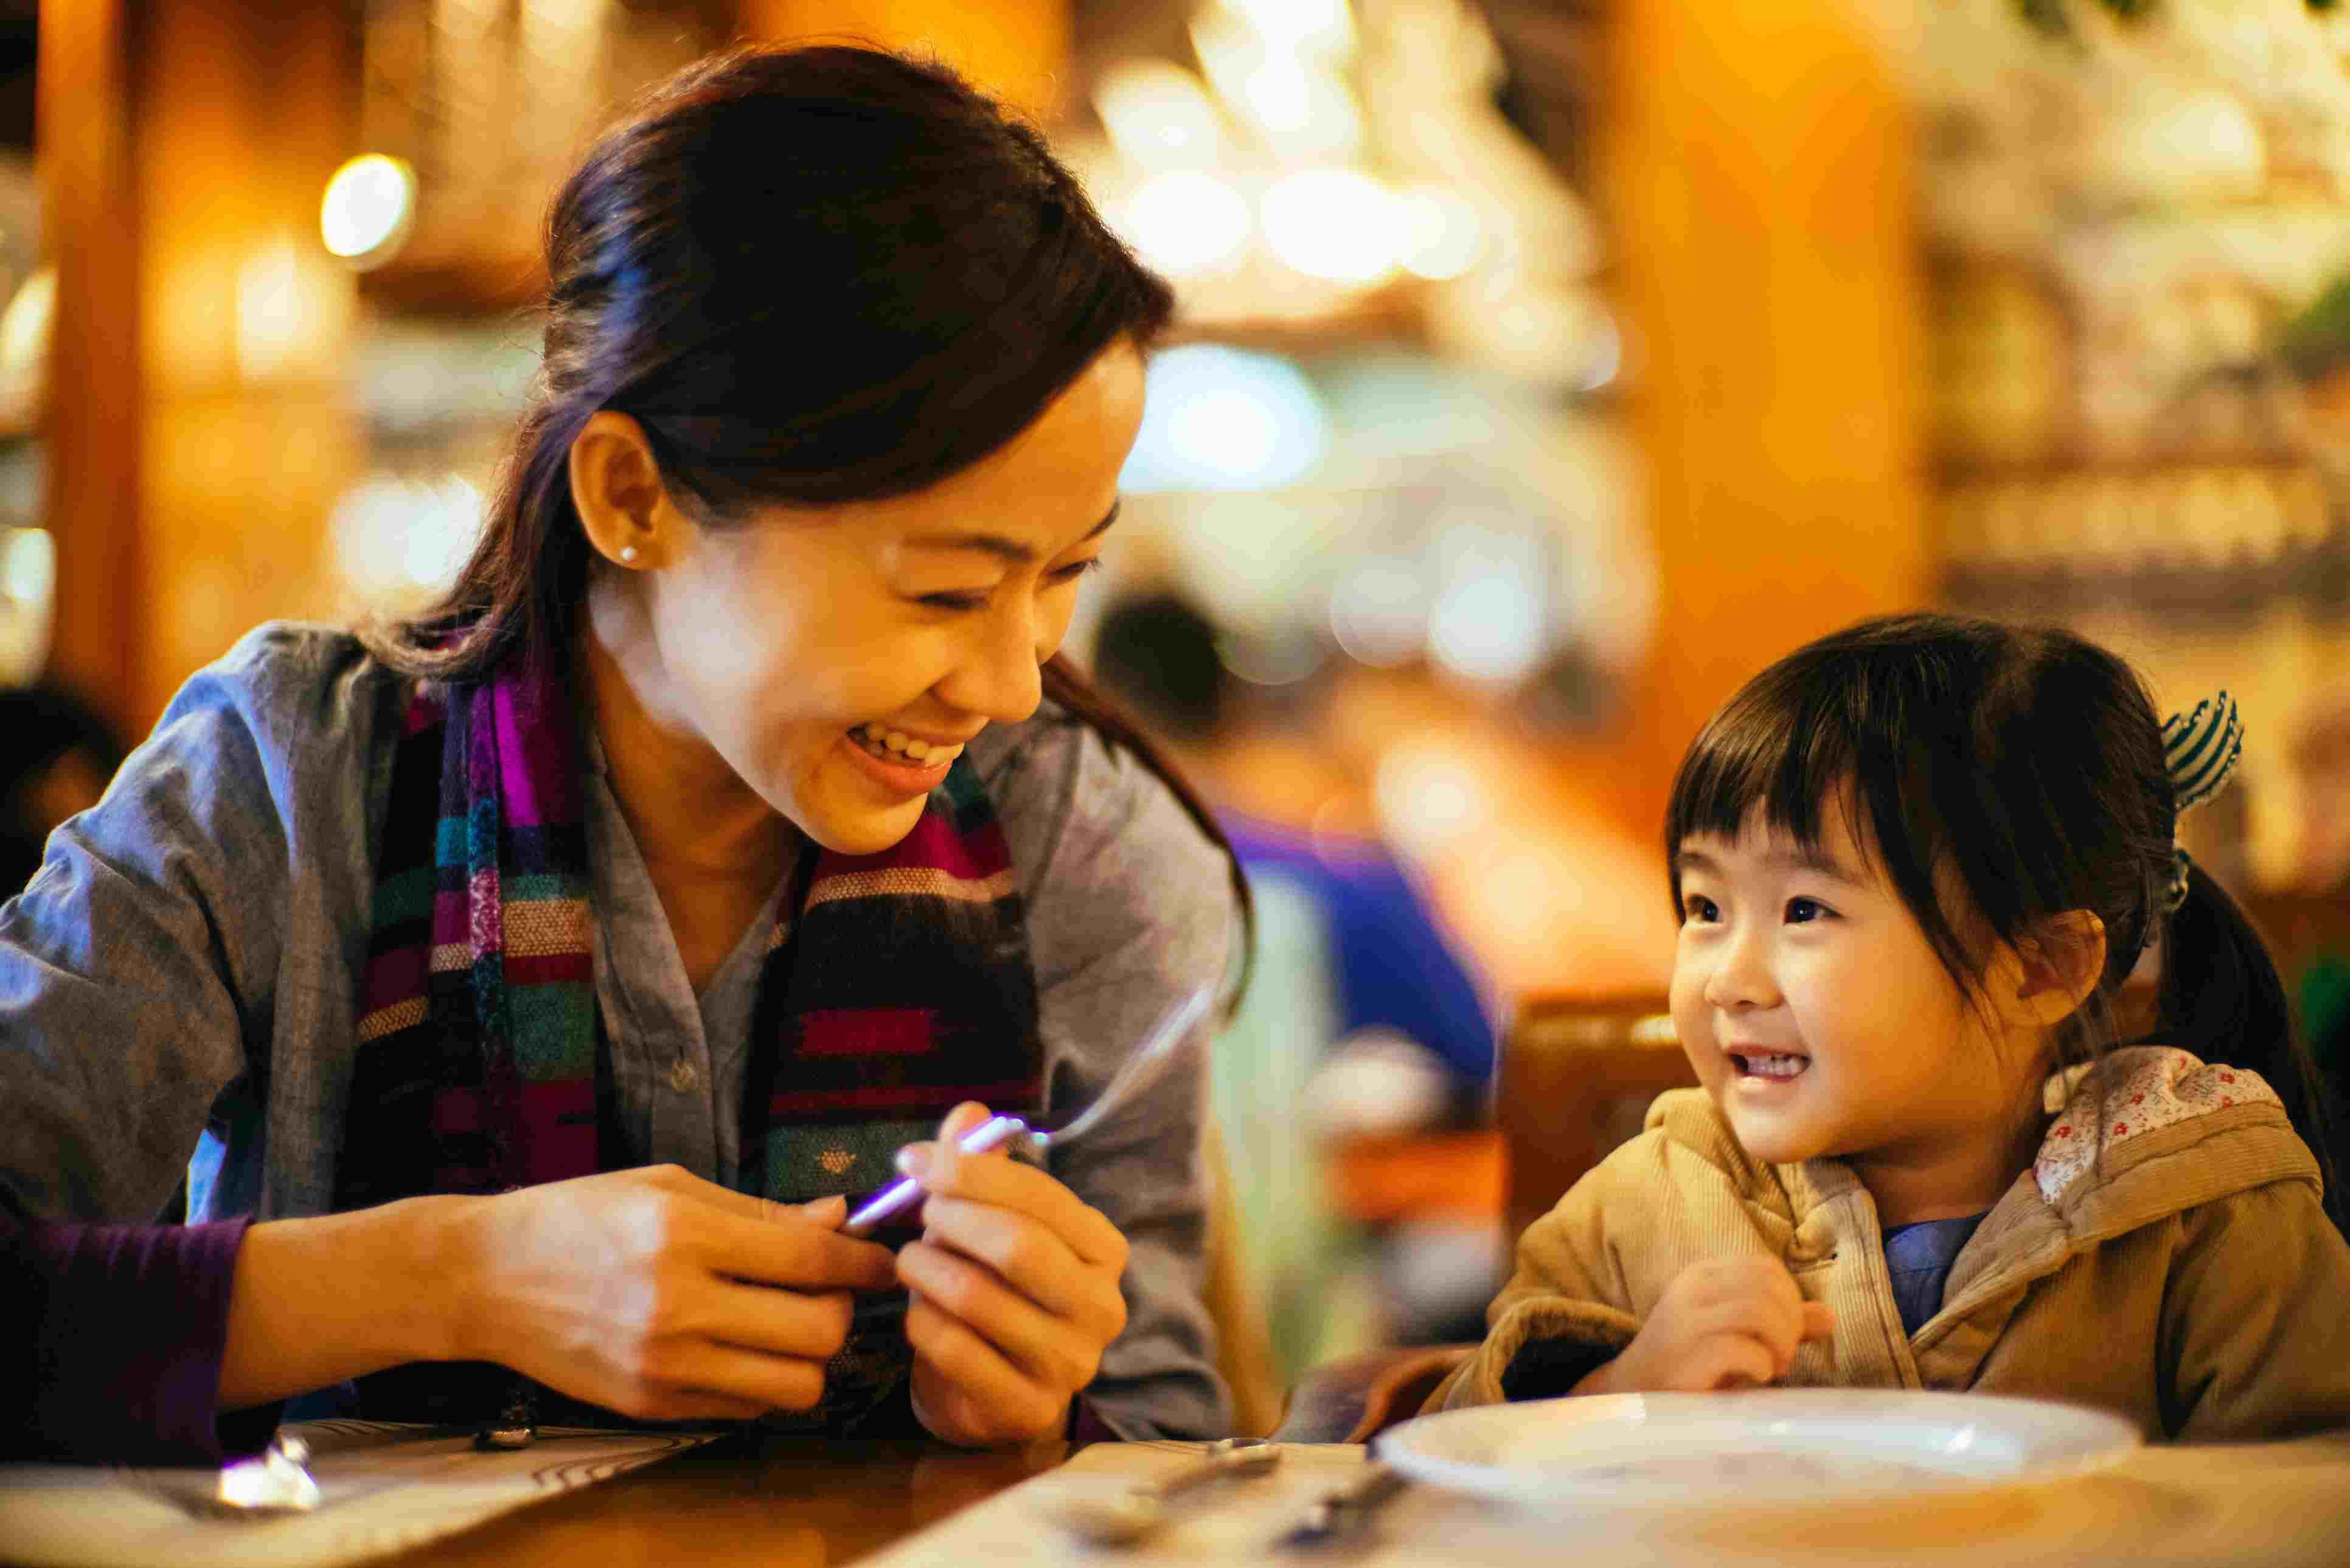 Mom & toddler girl talking joyfully in restaurant